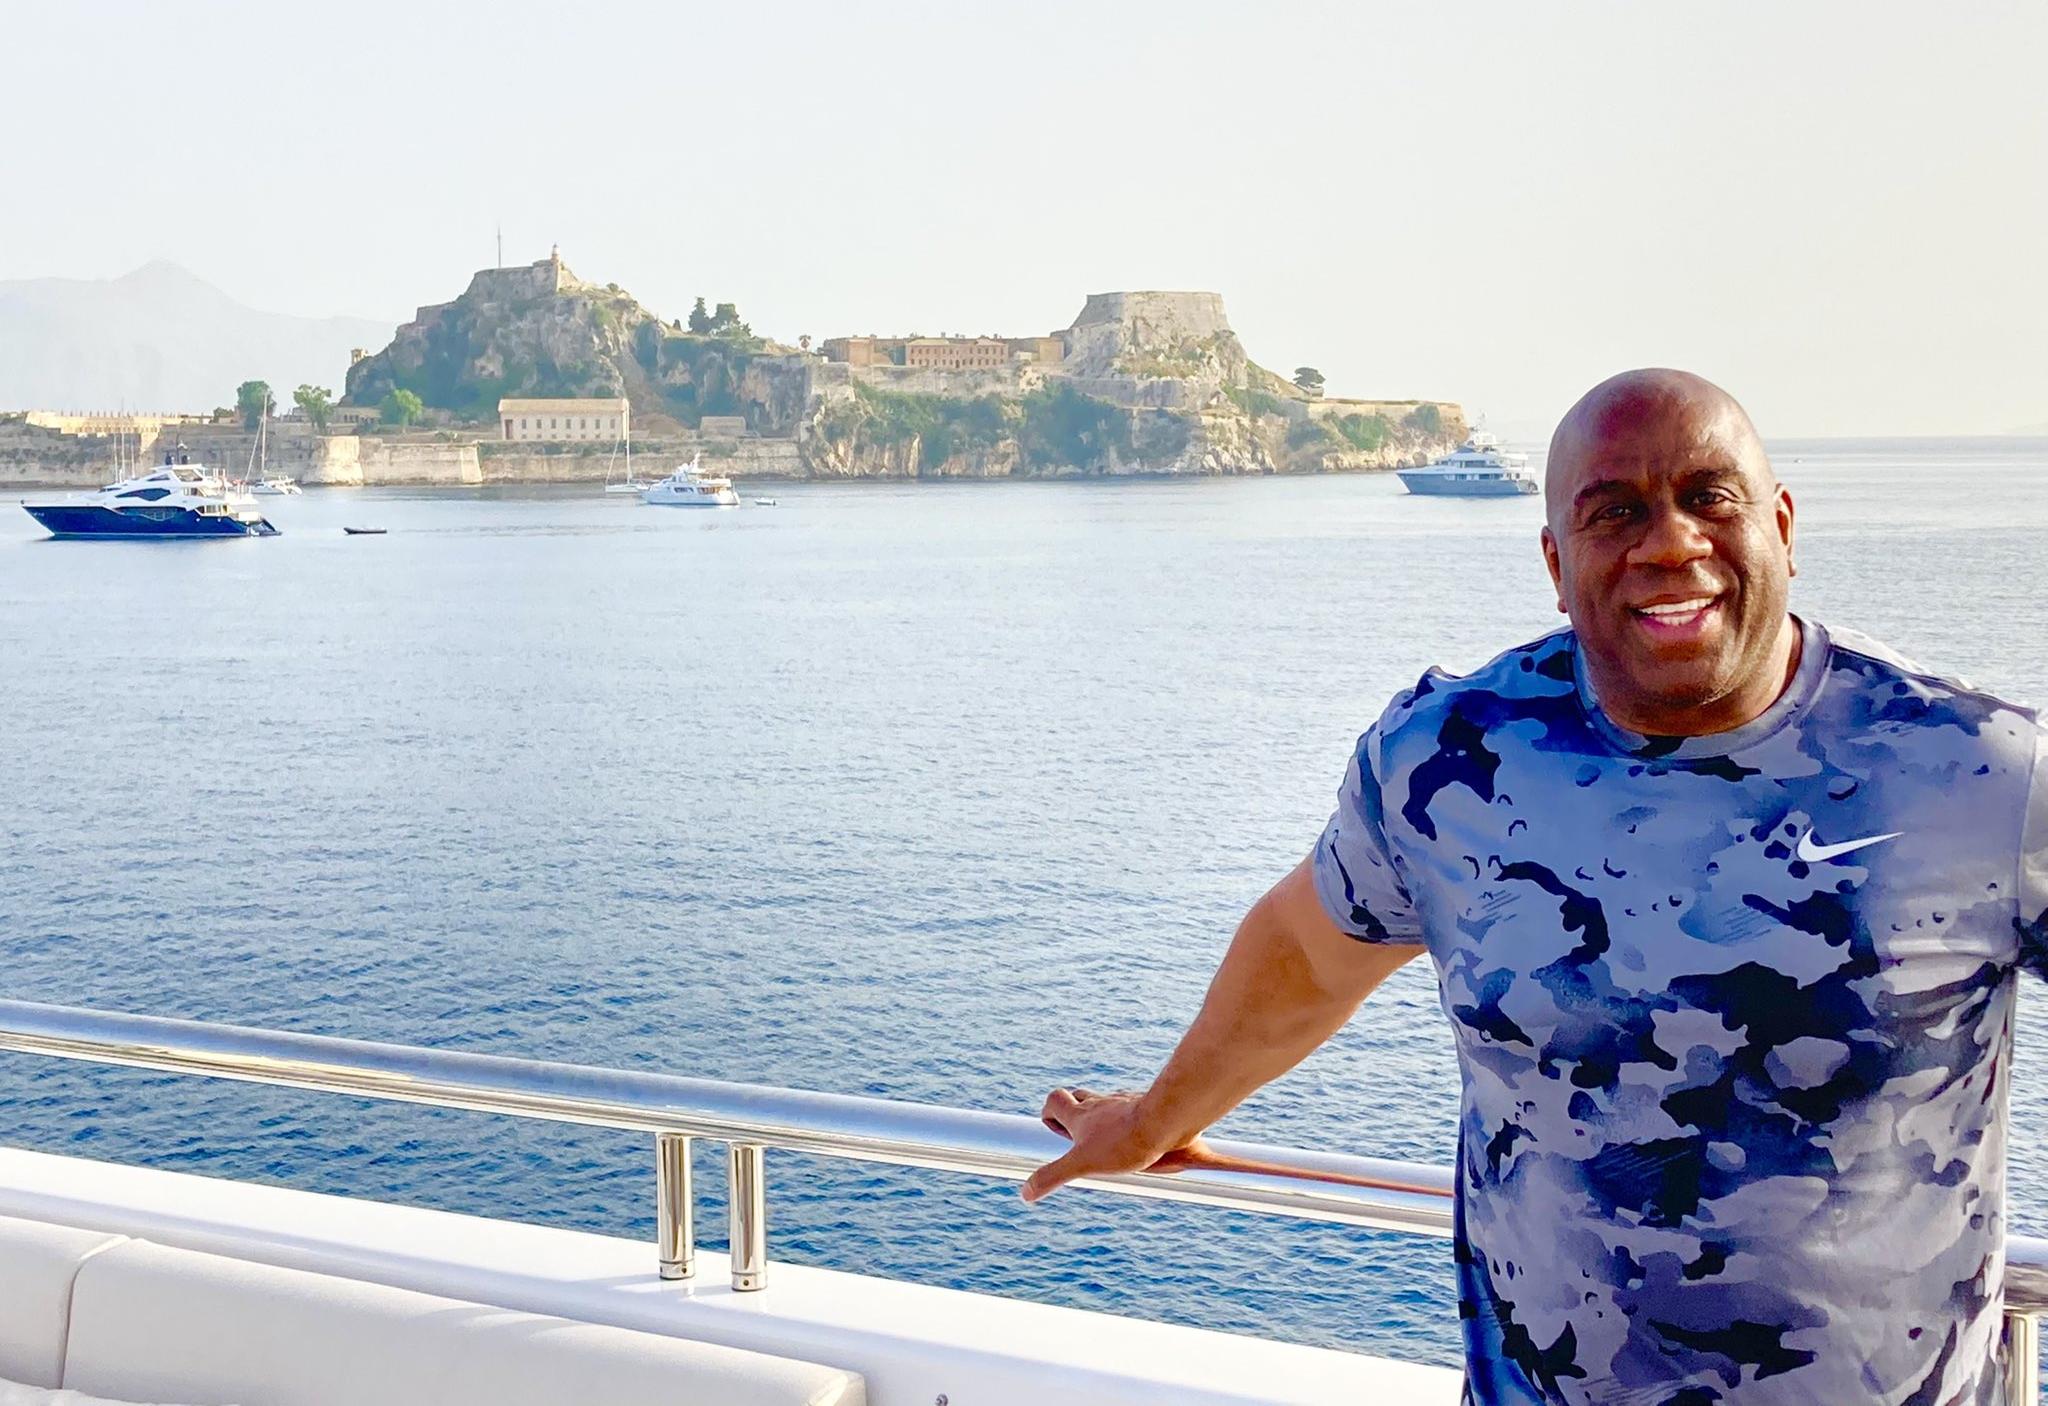 Στην Ελλάδα ο Μάτζικ Τζόνσον: Ανέβασε φωτογραφίες και video από τις διακοπές του